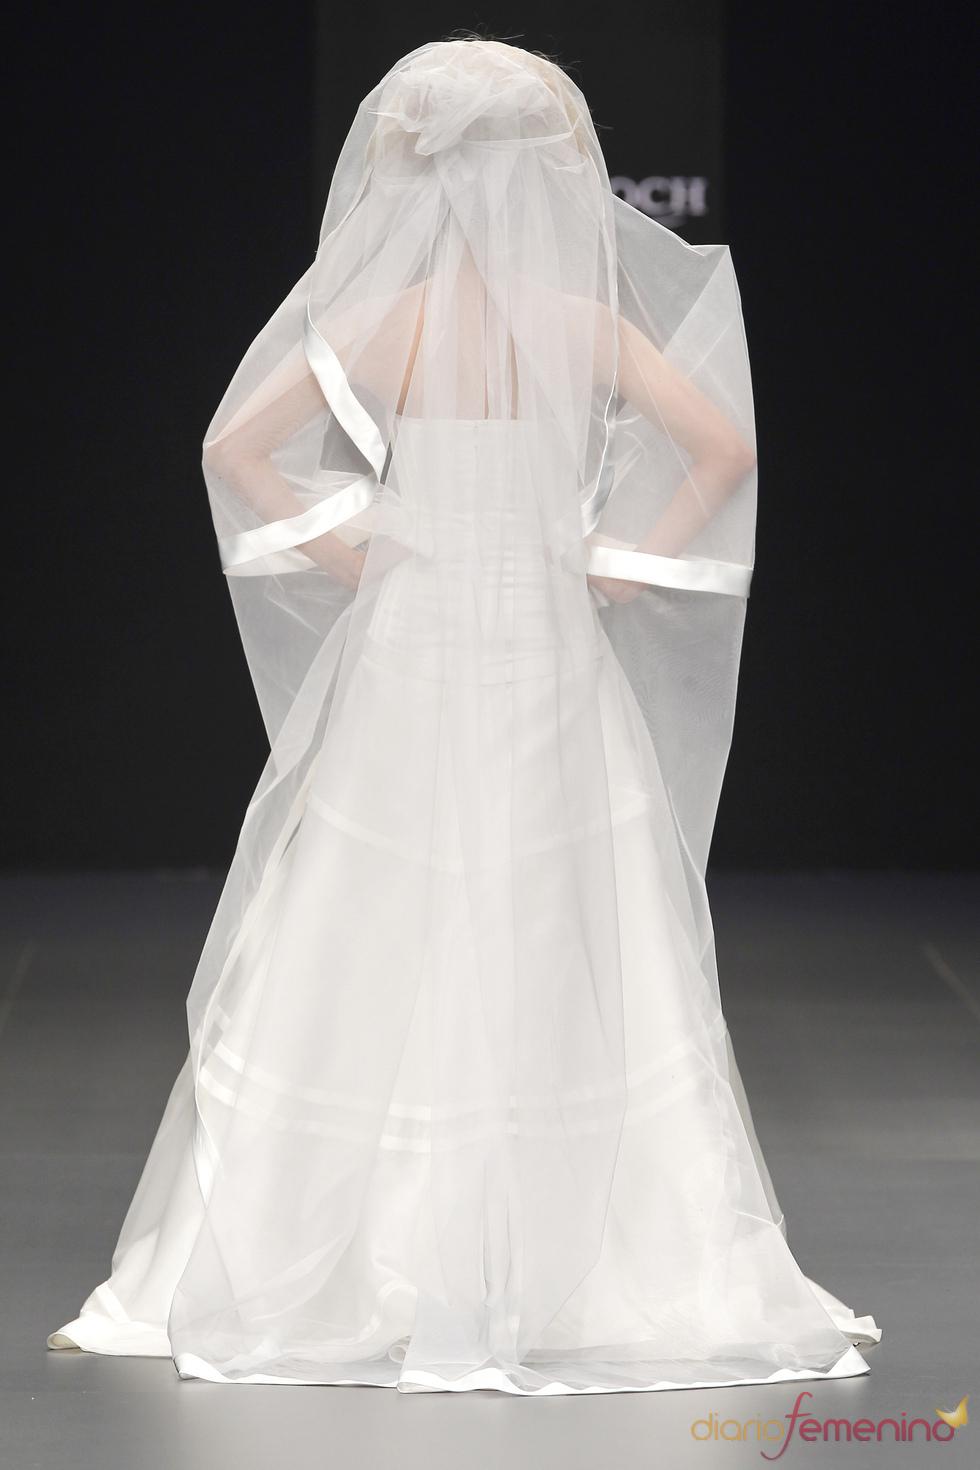 La novia de 2011, según Estrella Roch